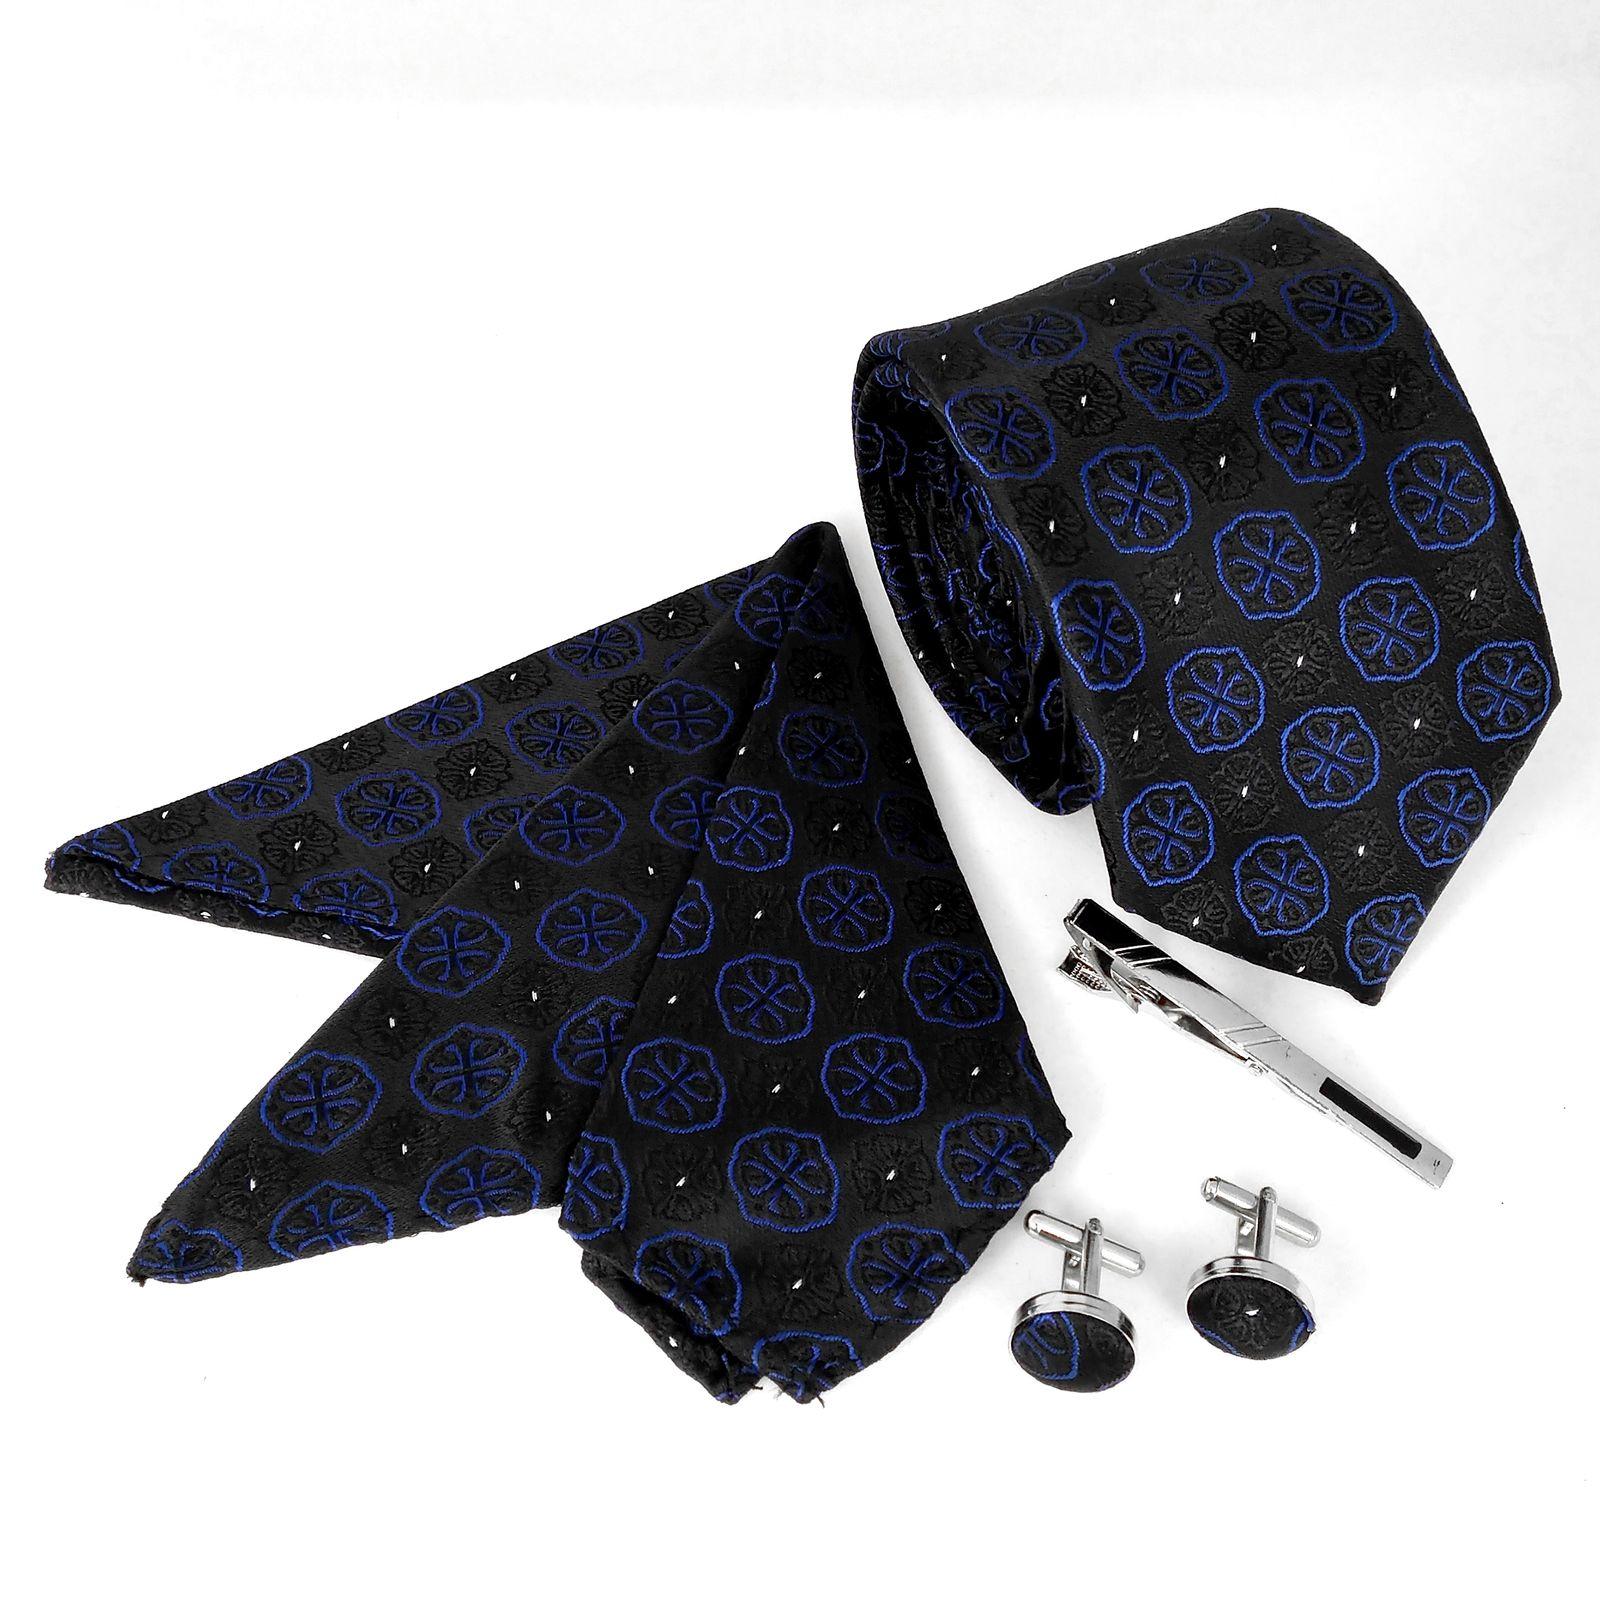 ست کراوات و دستمال جیب و دکمه سر دست مردانه کد 438 -  - 5